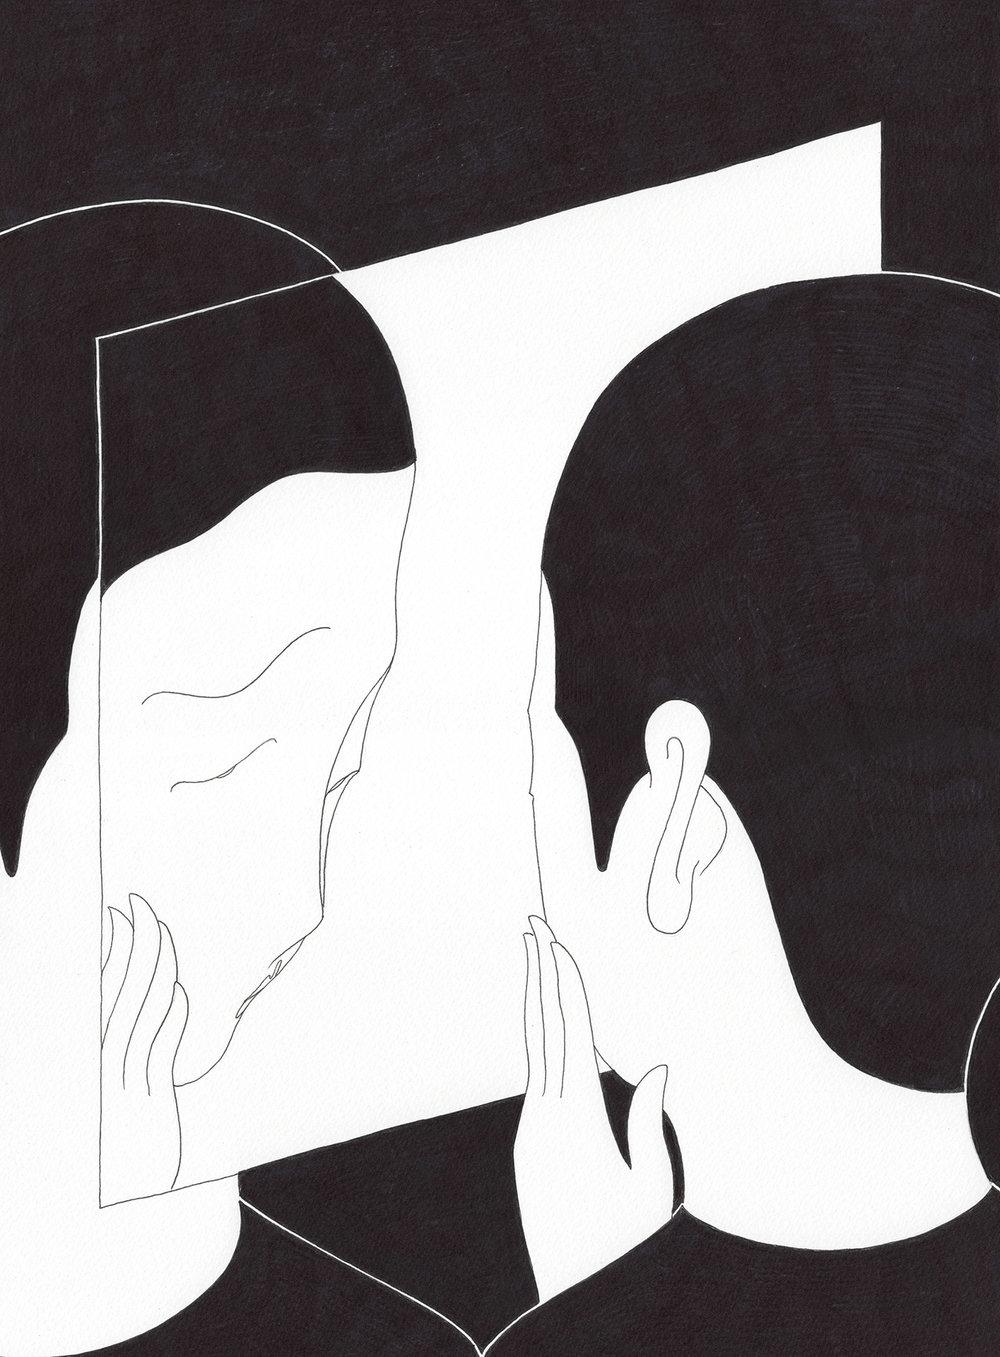 자학의 거울 / Mirror of self-deprecating Op.0159C -27.5 x 37.5 cm,종이에 펜, 마커 / Pigment liner and marker on paper, 2017 Commissioned by Mosaic Science